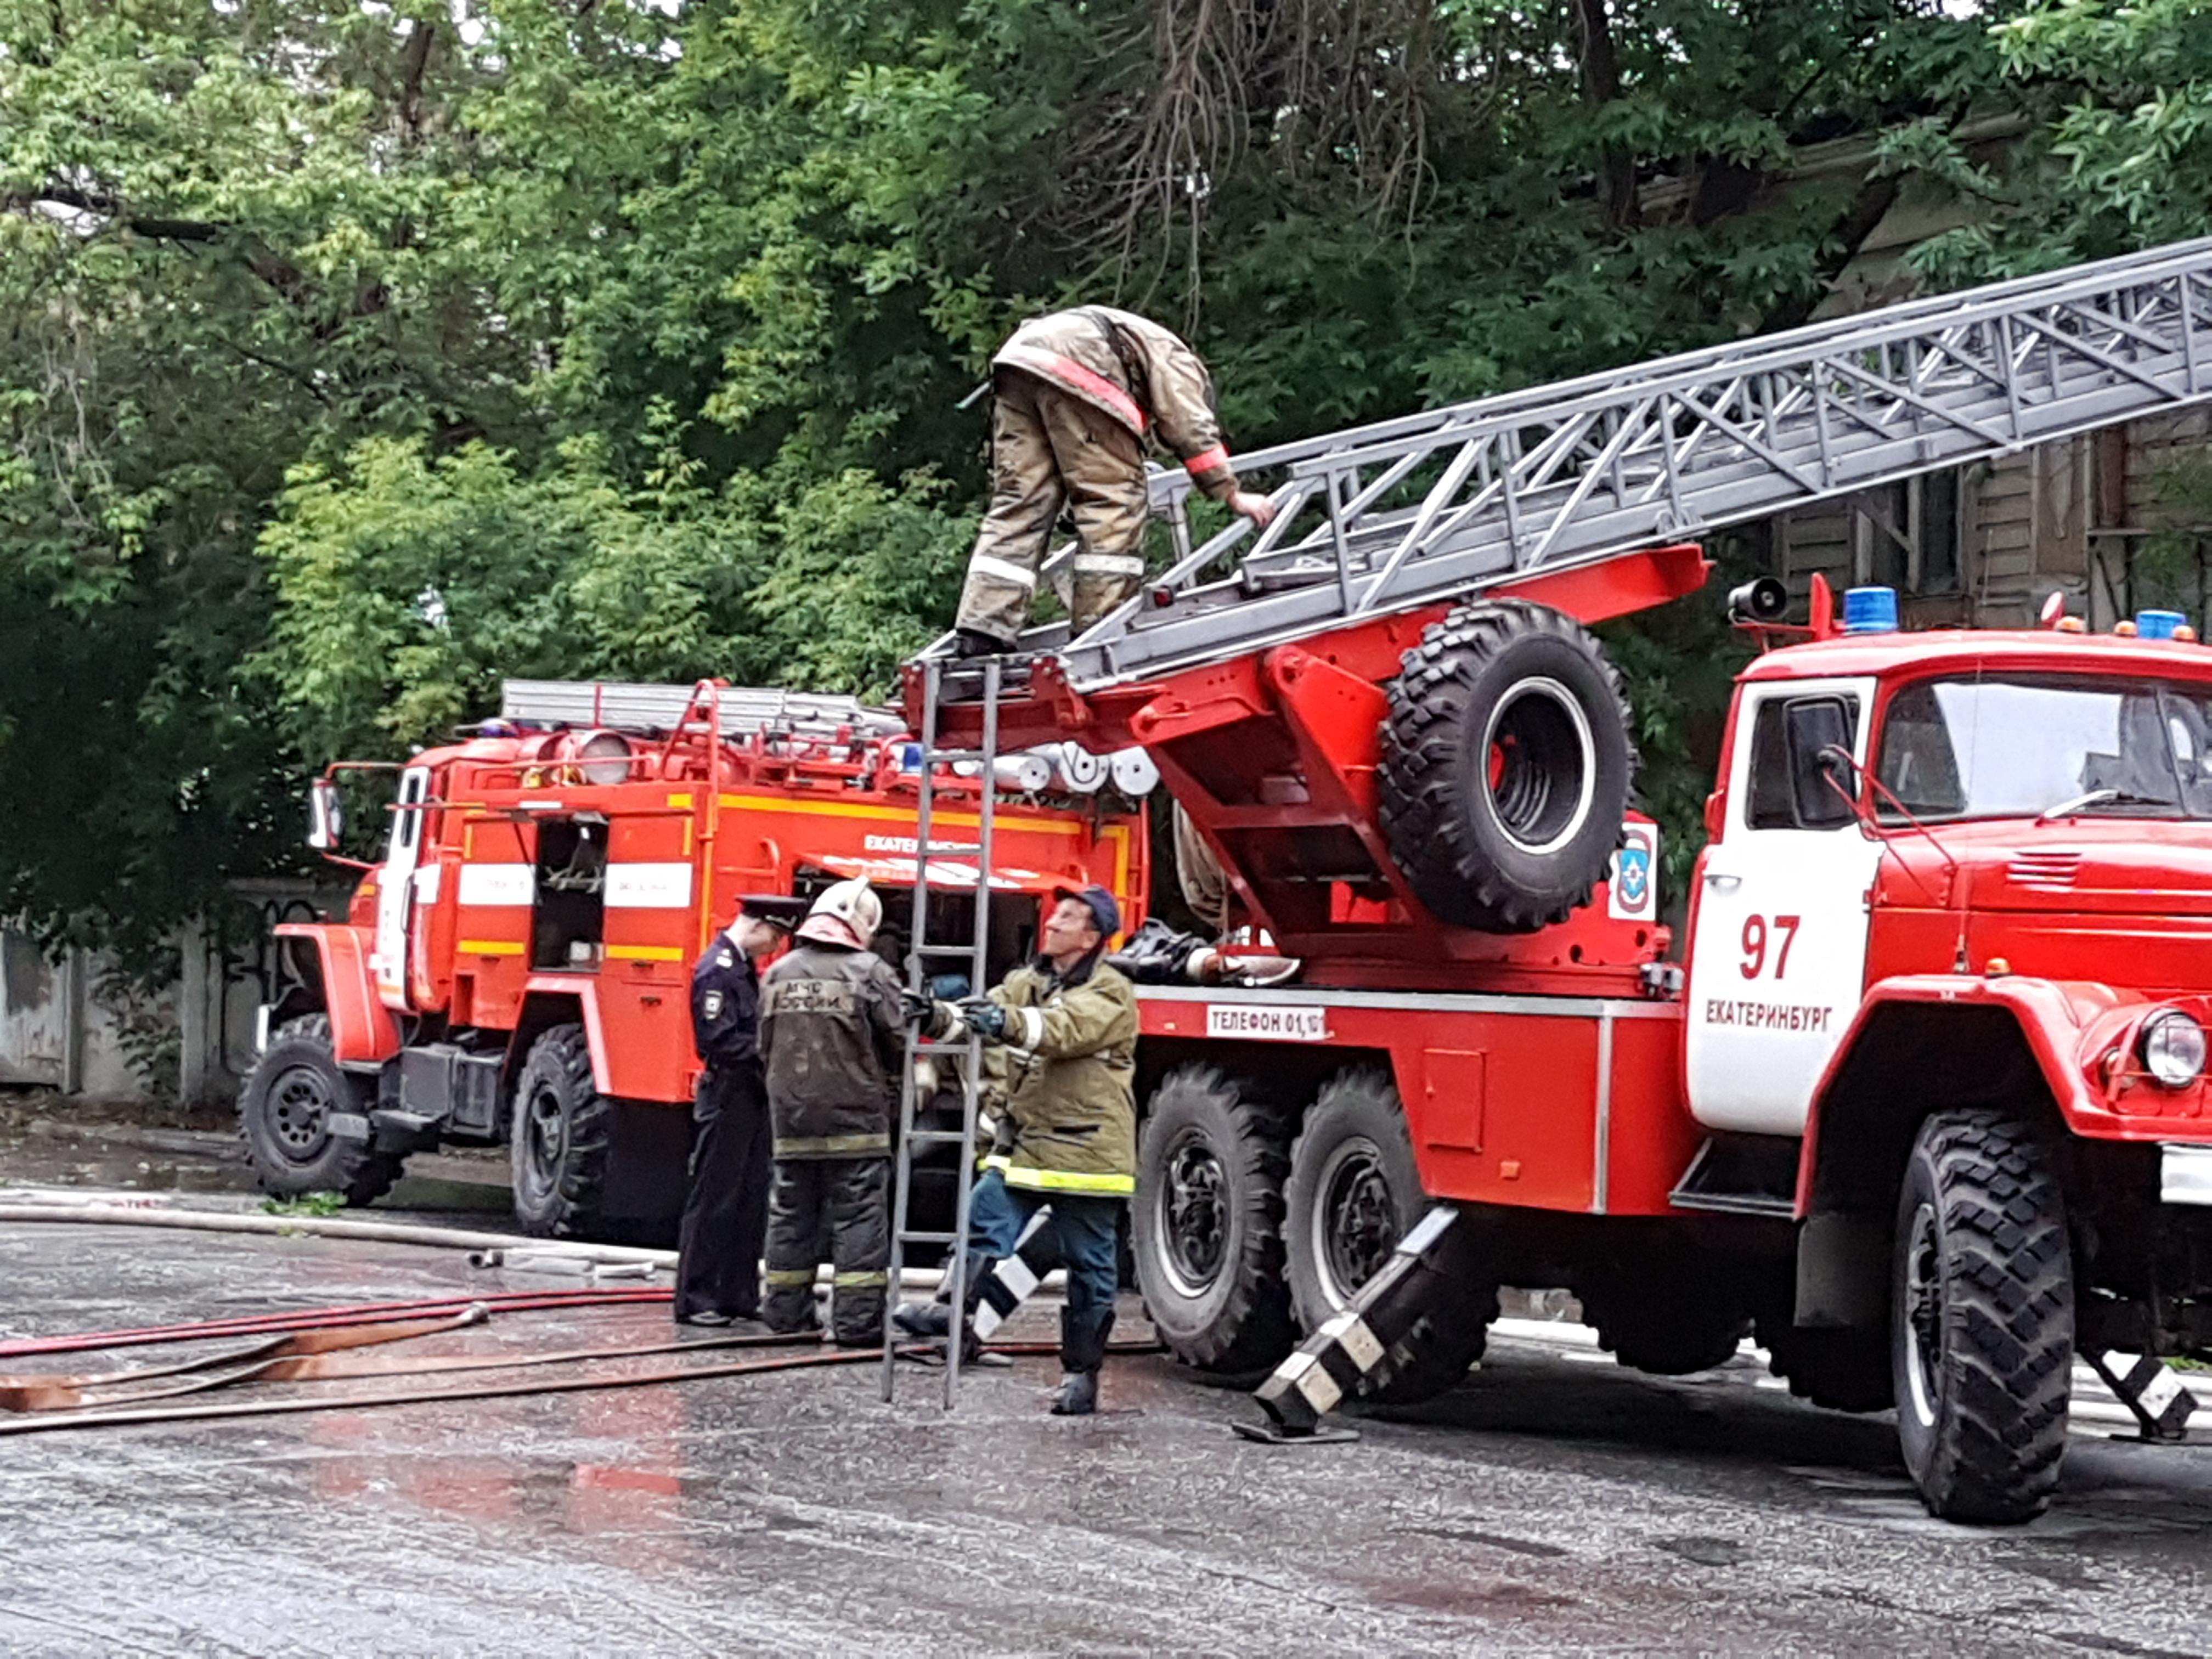 ВЕкатеринбурге из-за пожара довелось эвакуировать граждан пятиэтажки